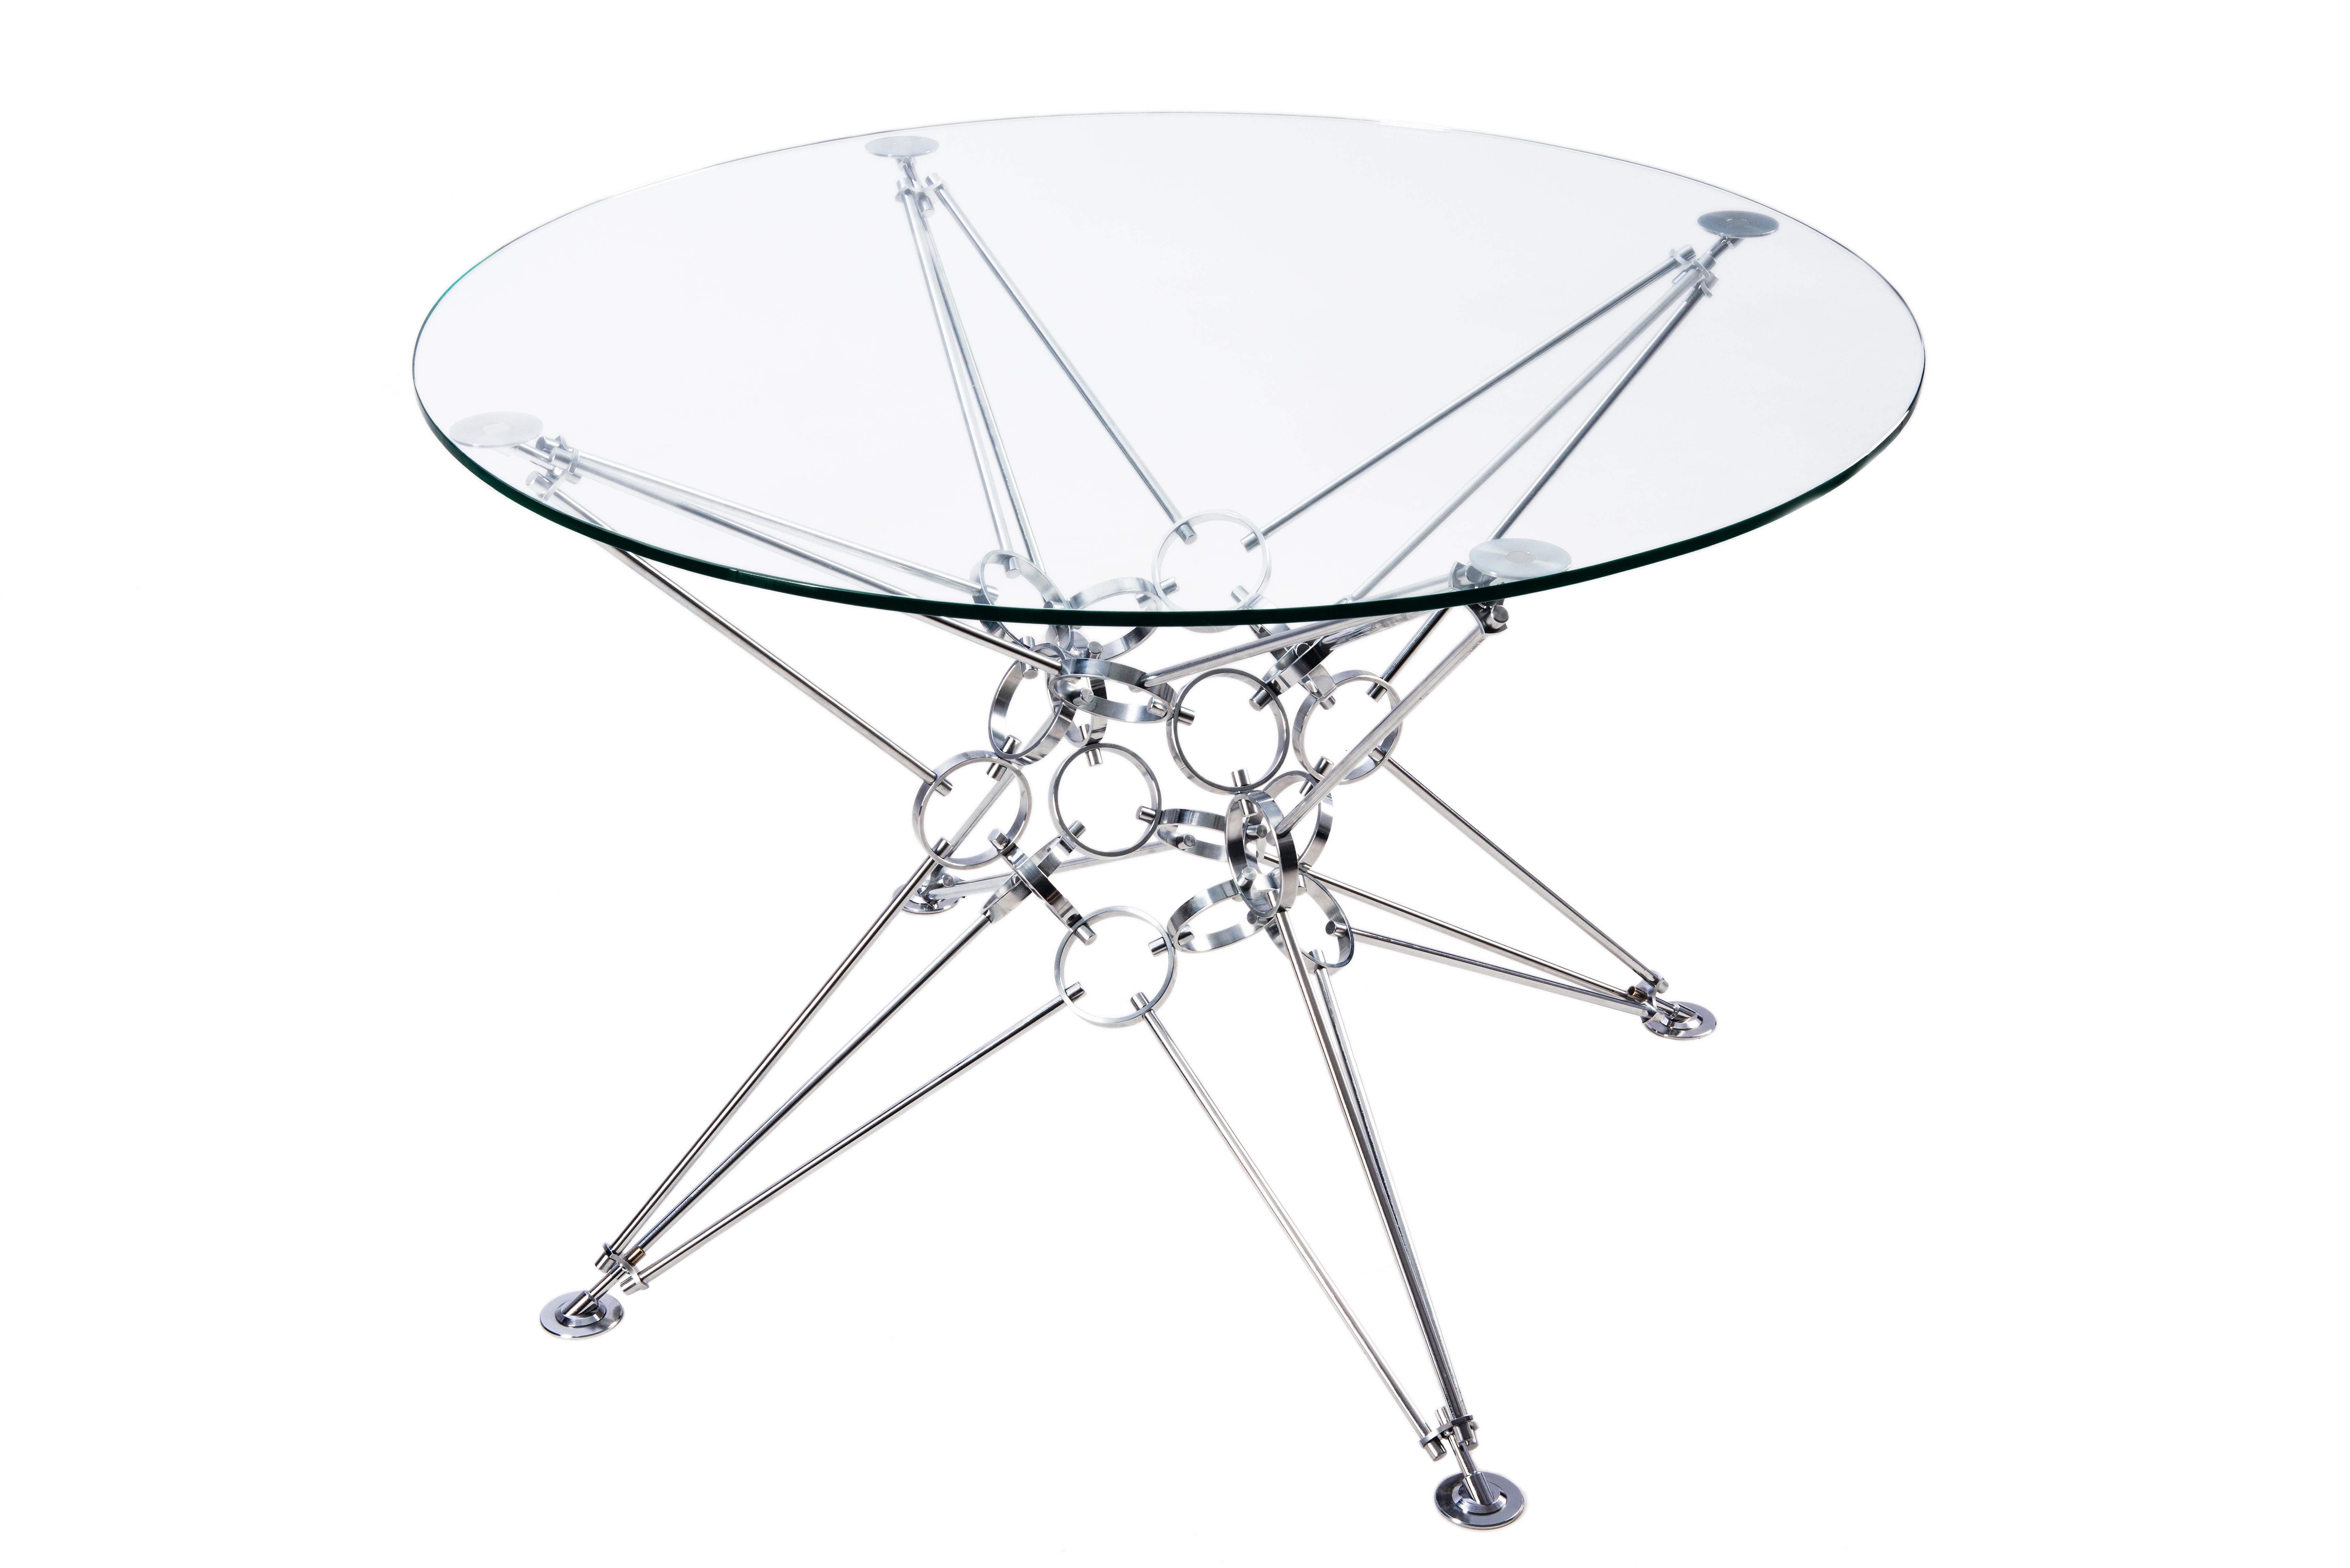 Стол 8 пирамидОбеденные столы<br>&amp;lt;div&amp;gt;&amp;lt;span style=&amp;quot;font-size: 14px;&amp;quot;&amp;gt;&amp;quot;8 пирамид&amp;quot; – это модель космической архитектуры. Дизайнер Александр Новичков вдохновлялся идеей превращения куба в шар, что привело к созданию этой модели. Стол и его несущий модуль выполнены в стиле конструктивизма, дизайн минималистичен. В центре конструкции стола расположено ядро, на которое установлено 8 пирамид. Благодаря такому каркасу достигается высокая прочность и устойчивость. Конструкция модели полностью симметрична и похожа на звезду. Она не имеет ни верха, ни низа, что характерно для космического пространства.&amp;amp;nbsp;&amp;lt;/span&amp;gt;&amp;lt;span style=&amp;quot;font-size: 14px;&amp;quot;&amp;gt;Столы изготавливаются из натуральных материалов - &amp;amp;nbsp;цвет и фактура могут незначительно отличаться от представленных на фото.&amp;amp;nbsp;&amp;lt;/span&amp;gt;&amp;lt;span style=&amp;quot;font-size: 14px;&amp;quot;&amp;gt;Размеры стекла могут быть различными на заказ.&amp;amp;nbsp;&amp;lt;/span&amp;gt;&amp;lt;br&amp;gt;&amp;lt;/div&amp;gt;&amp;lt;div&amp;gt;&amp;lt;br&amp;gt;&amp;lt;/div&amp;gt;&amp;lt;div&amp;gt;Материал столешницы: стекло закаленное, толщина 10 мм.&amp;lt;div&amp;gt;Материал основания: хромированная сталь.&amp;lt;/div&amp;gt;&amp;lt;/div&amp;gt;&amp;lt;div&amp;gt;&amp;lt;/div&amp;gt;<br><br>Material: Стекло<br>Height см: 74<br>Diameter см: 110